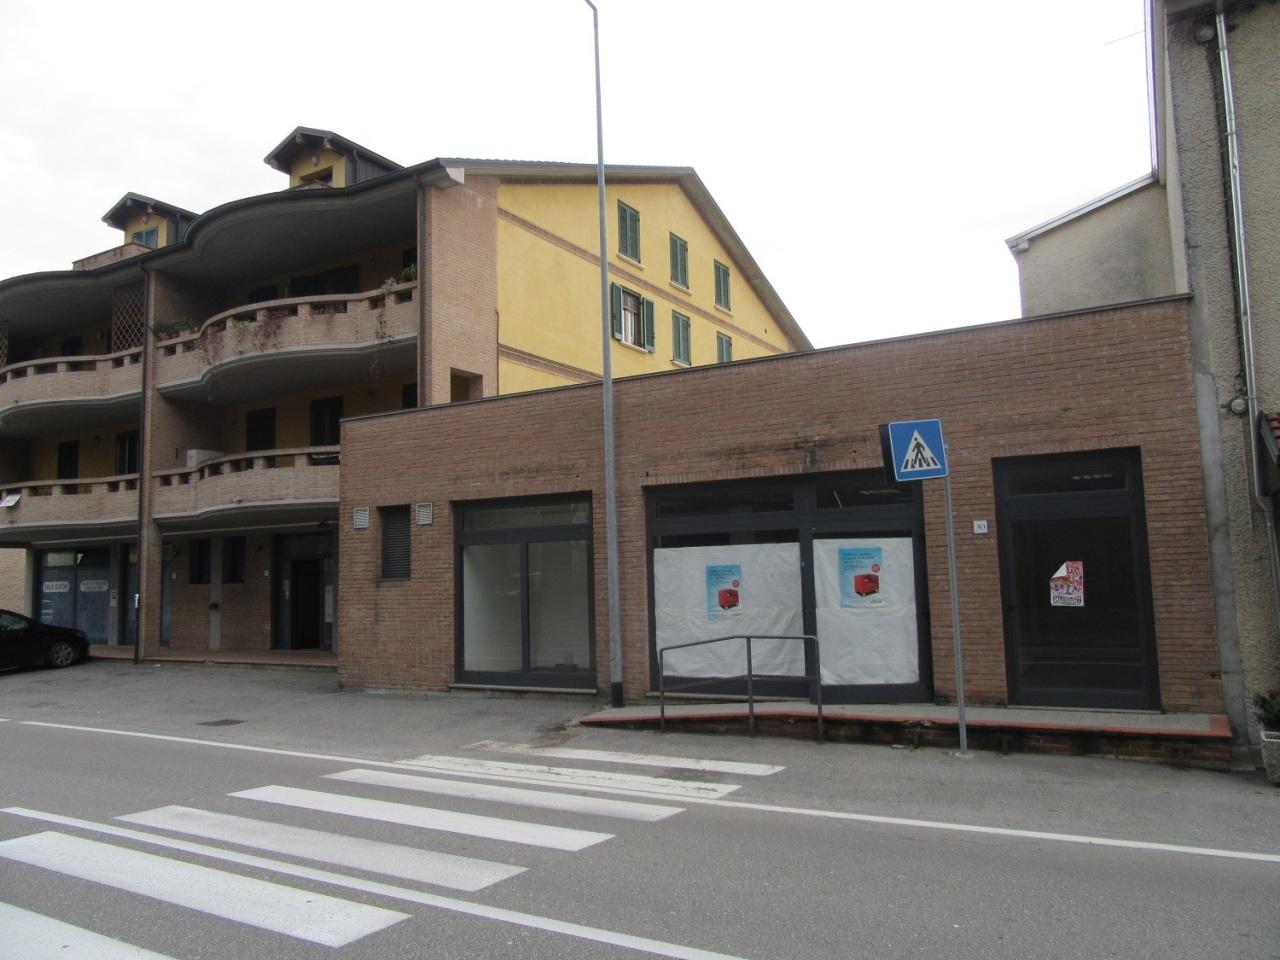 Locale commerciale - 2 Vetrine a Felegara, Medesano Rif. 4142030